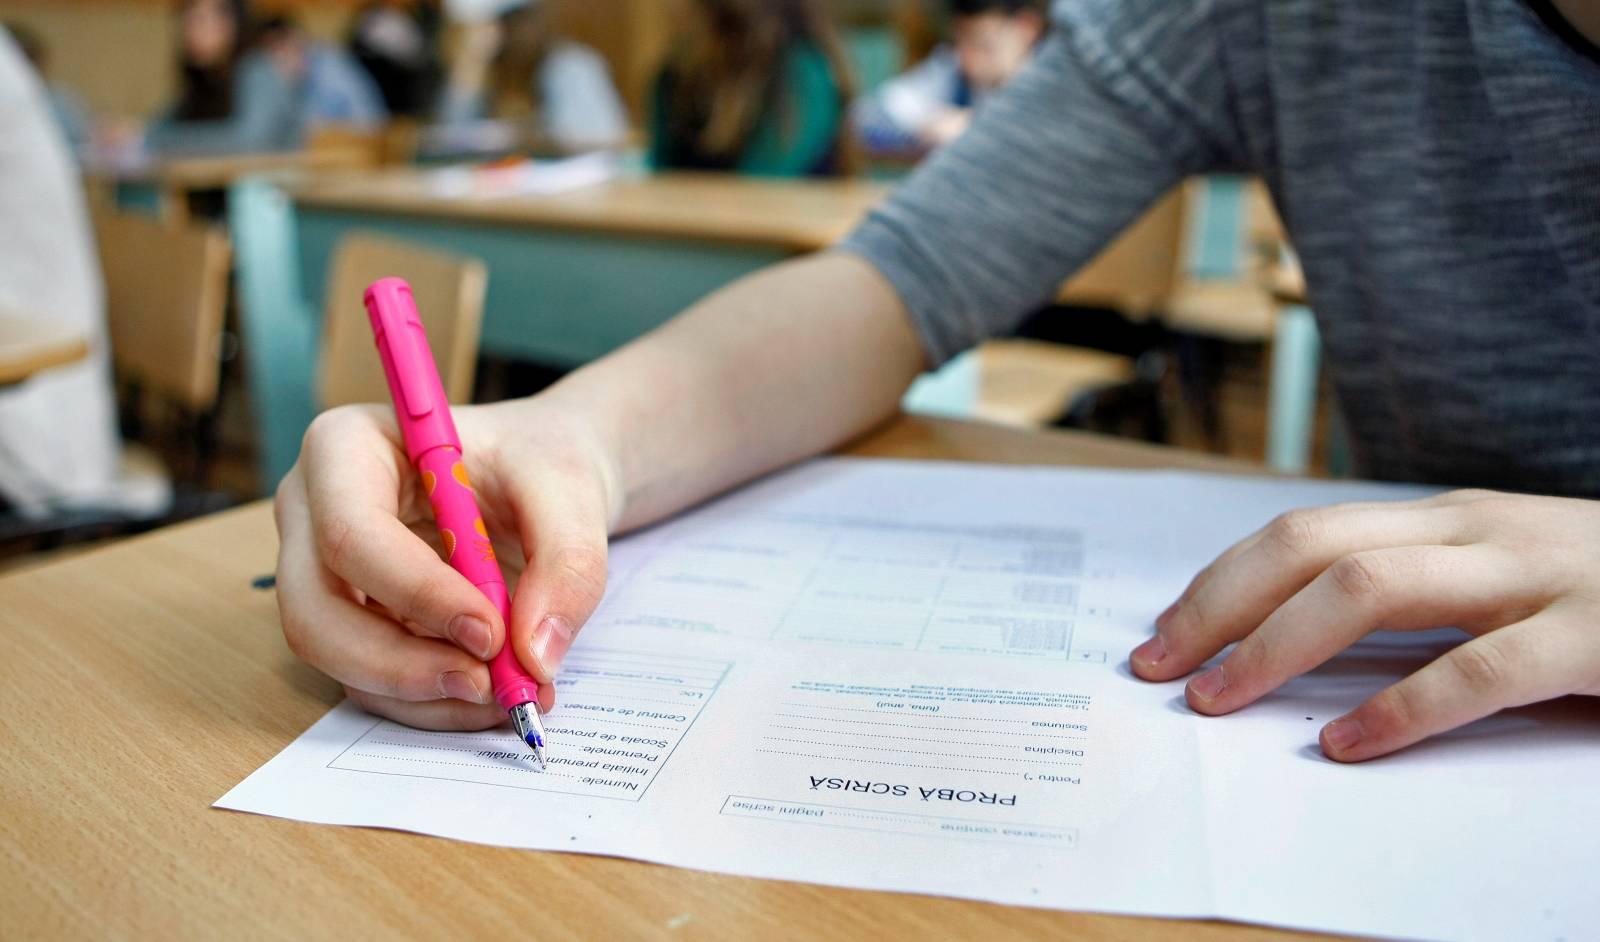 Examene naționale anulate. Care sunt acestea și de ce au fost suspendate